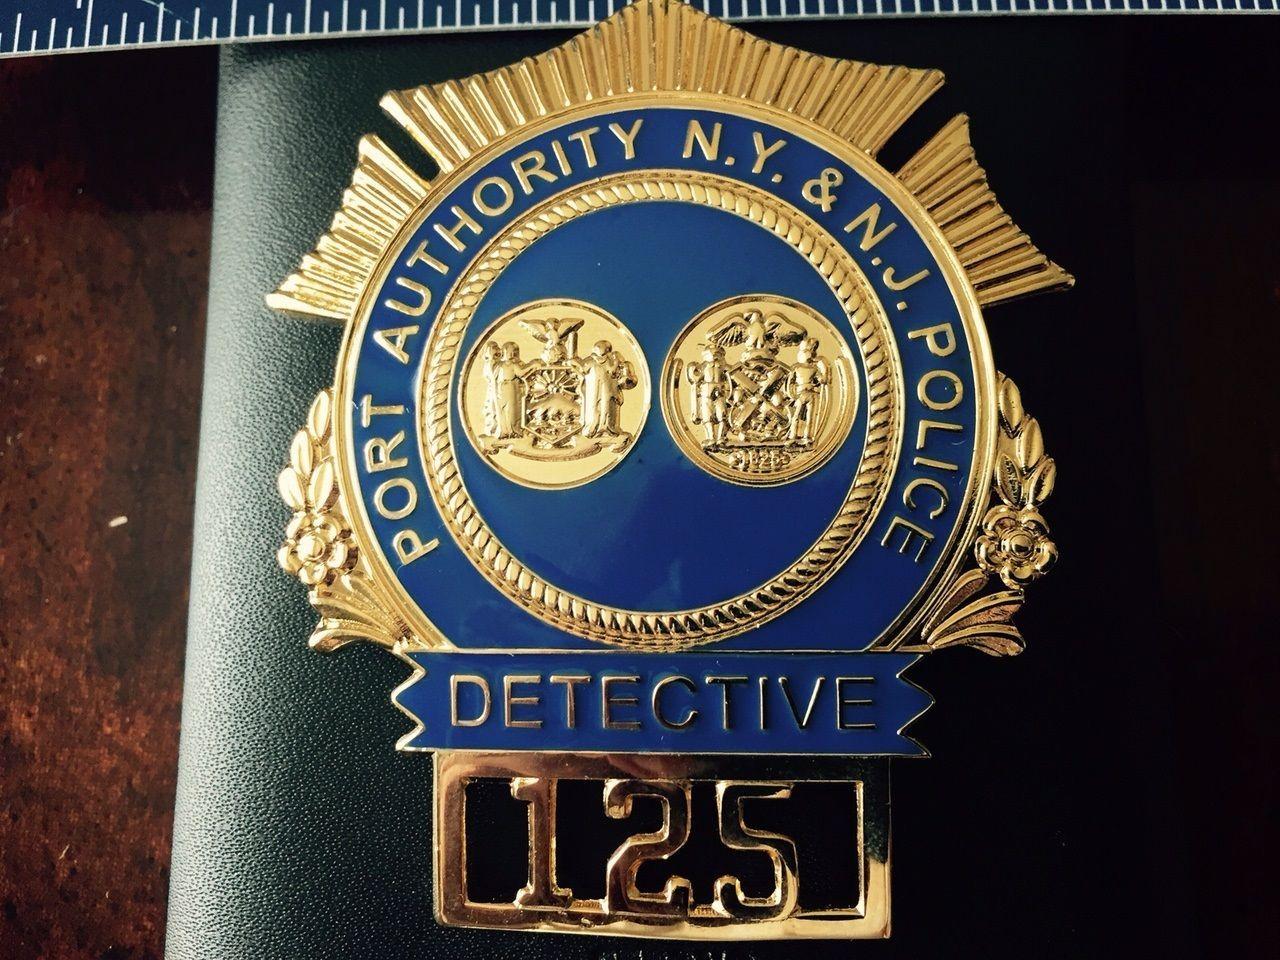 Ny Nj Port Authority Police Detective Hallmark Us Badge Co Ny Police Badge Fire Badge Police Patches